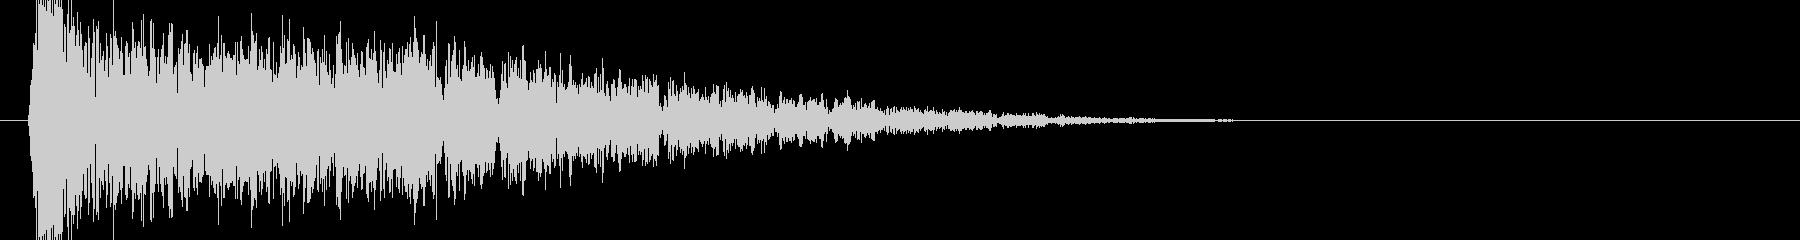 ブゥワブゥワブゥワ(衝撃波)の未再生の波形